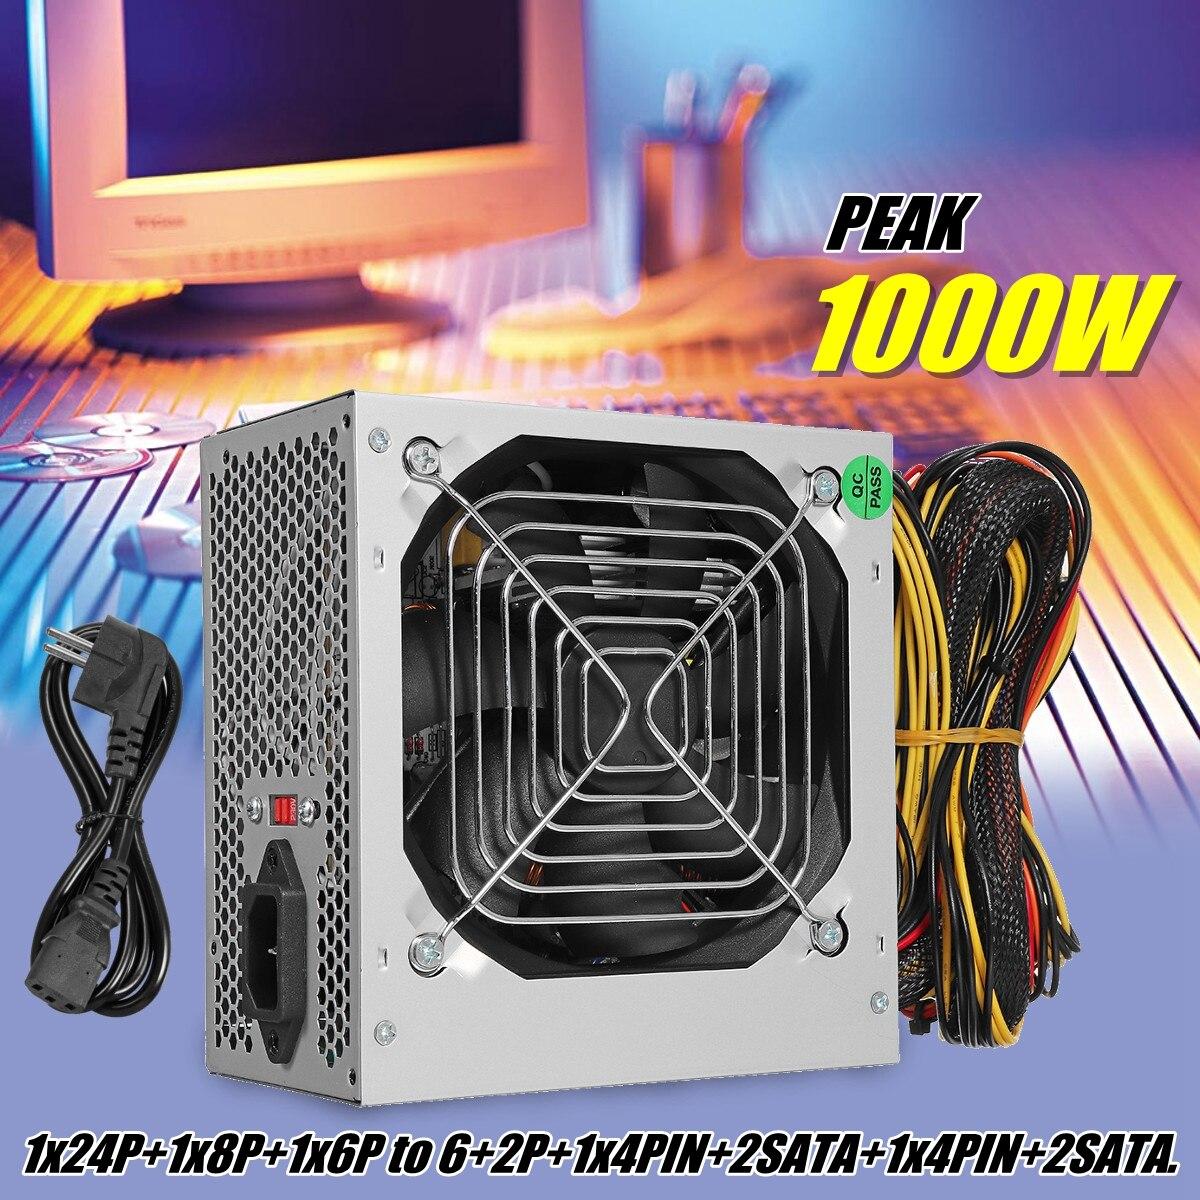 Max 1000 watt ATX Netzteil Leise Lüfter Für Intel AMD PC NETZTEIL PC Computer Miner